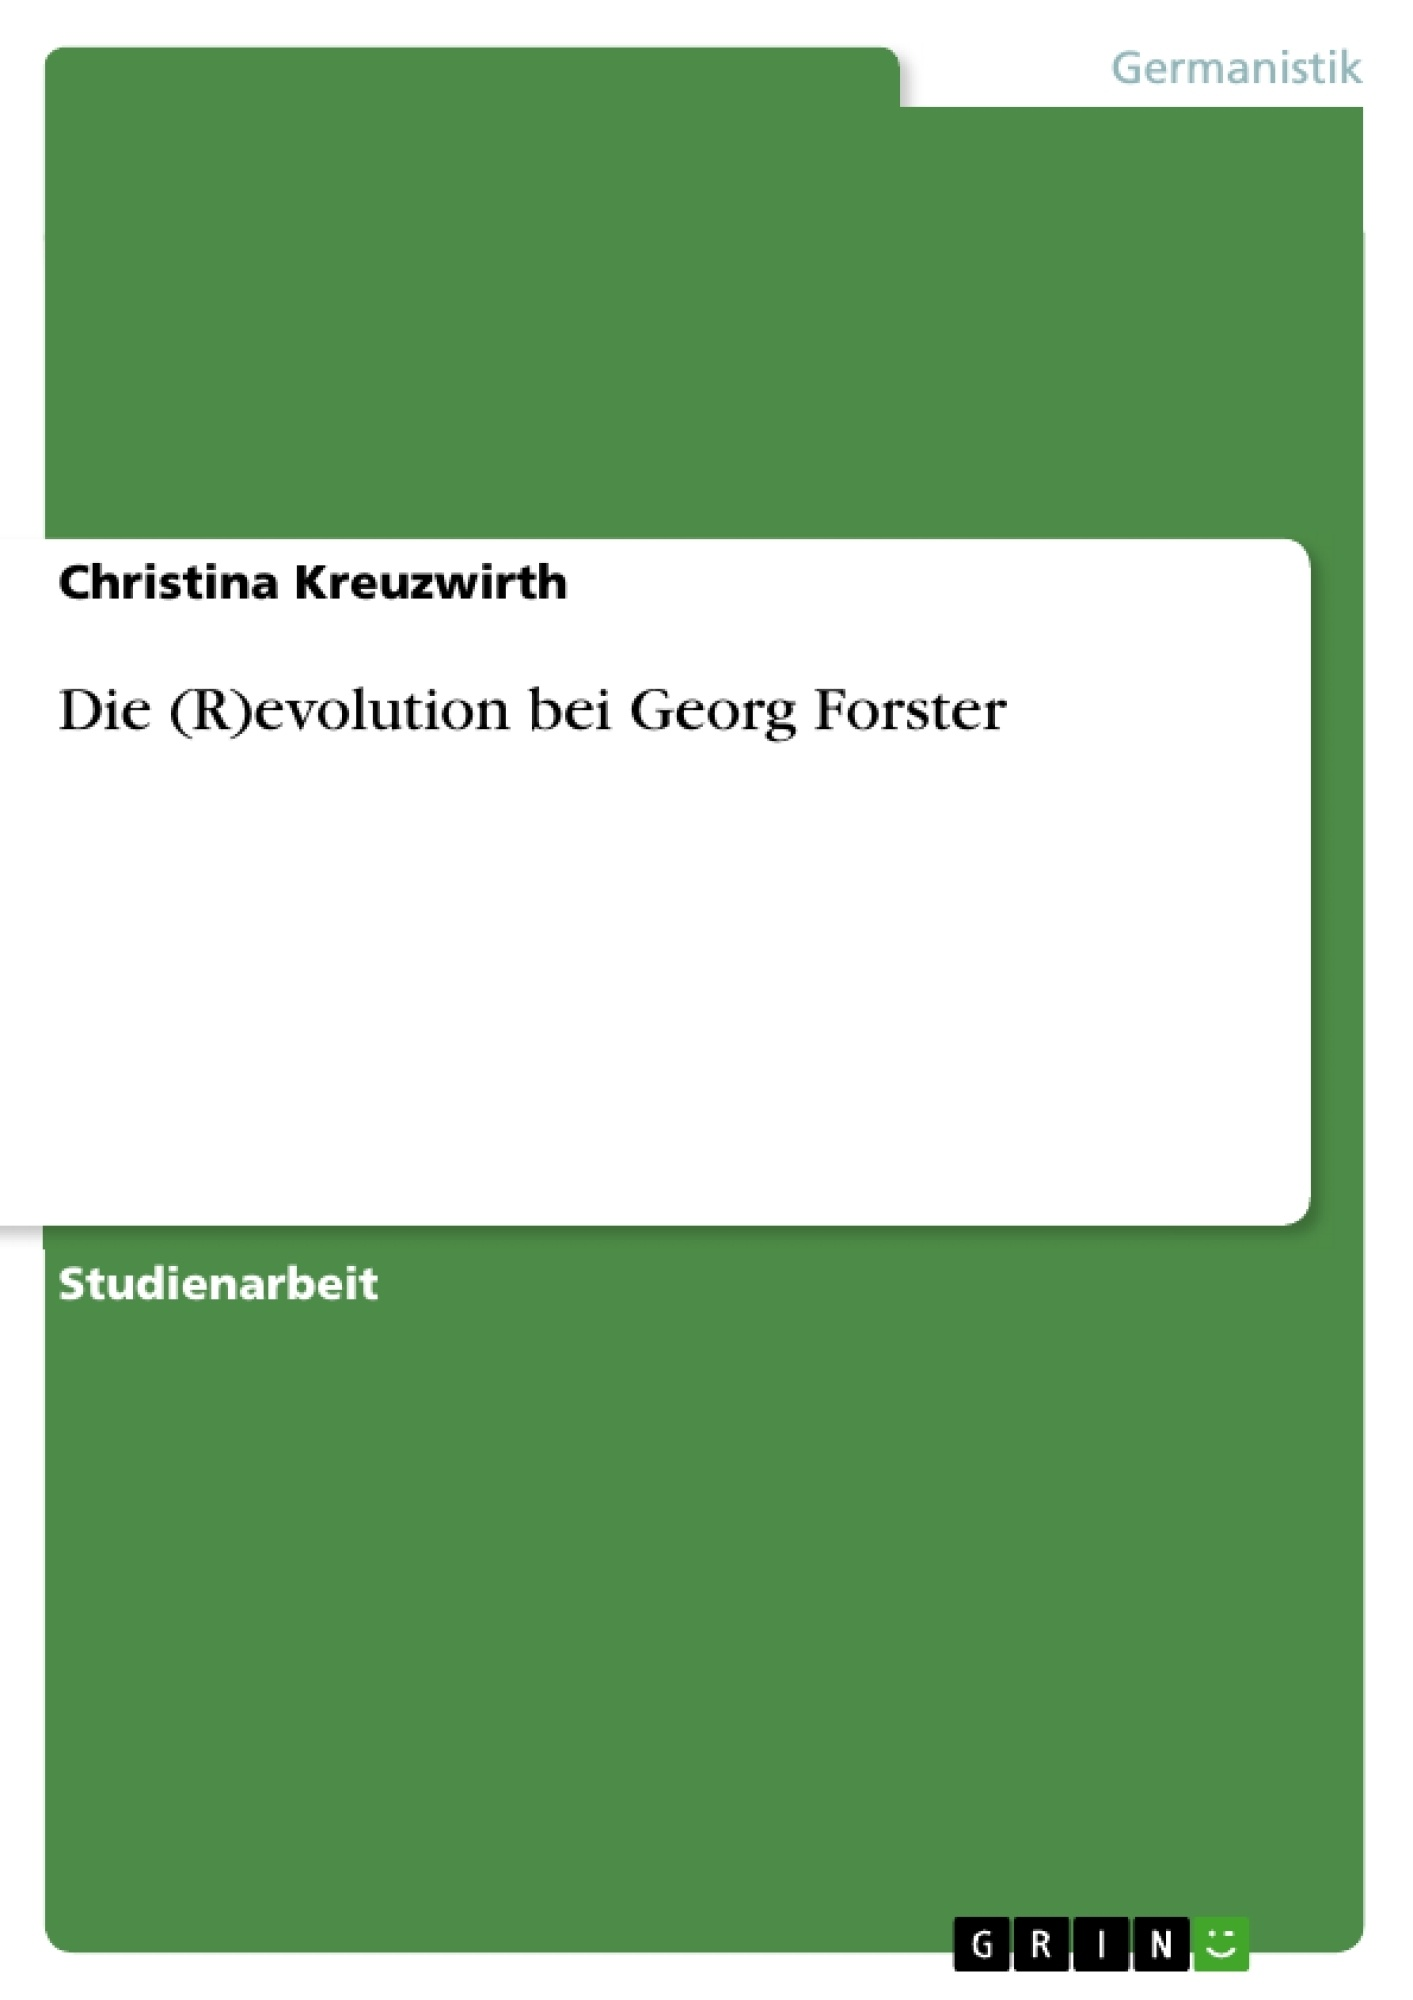 Titel: Die (R)evolution bei Georg Forster